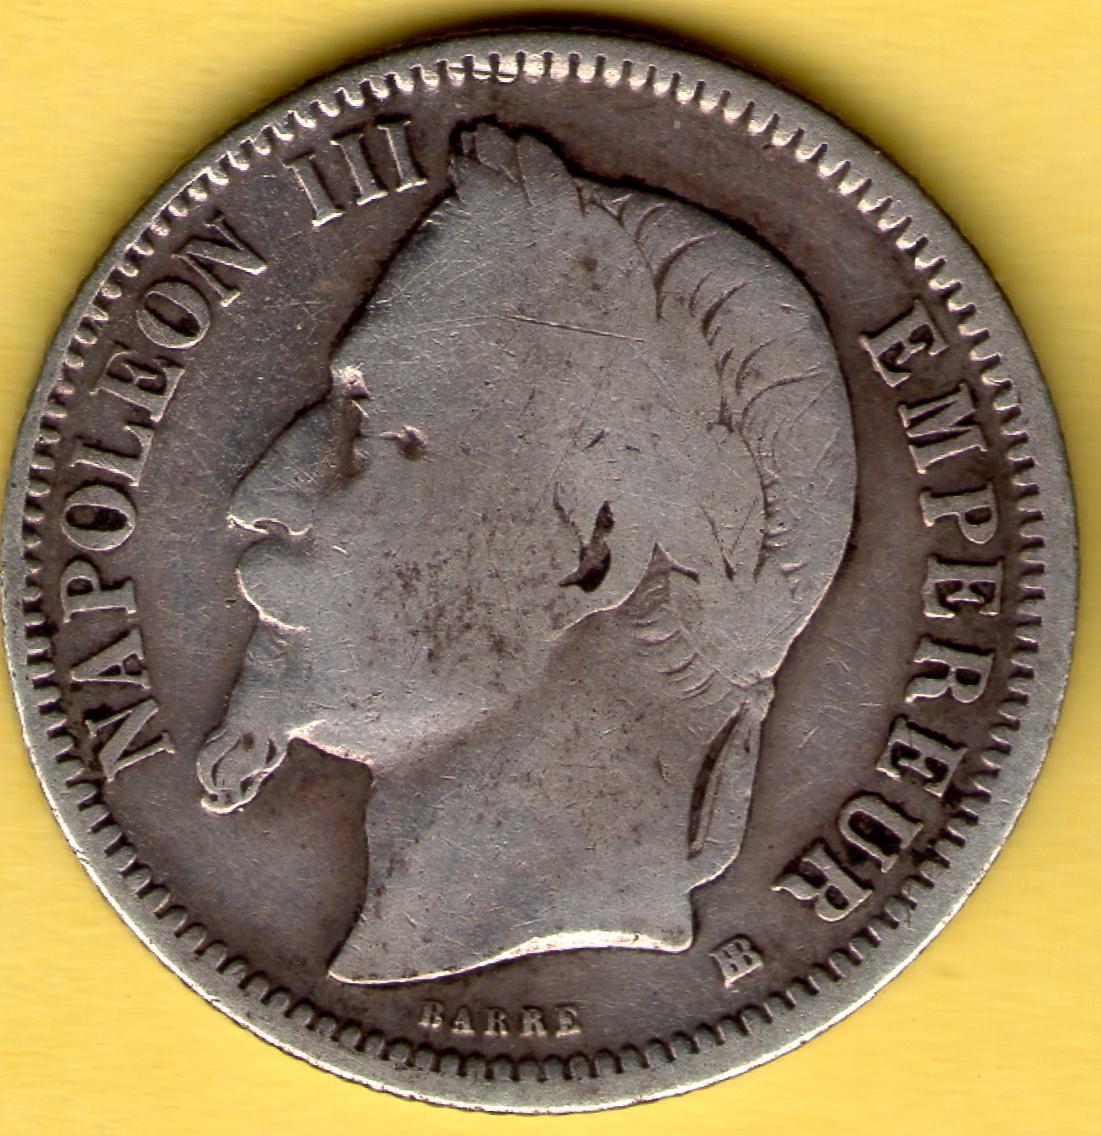 1 Franco. Napoleón III. Francia. 1868. Anv_Napole_n